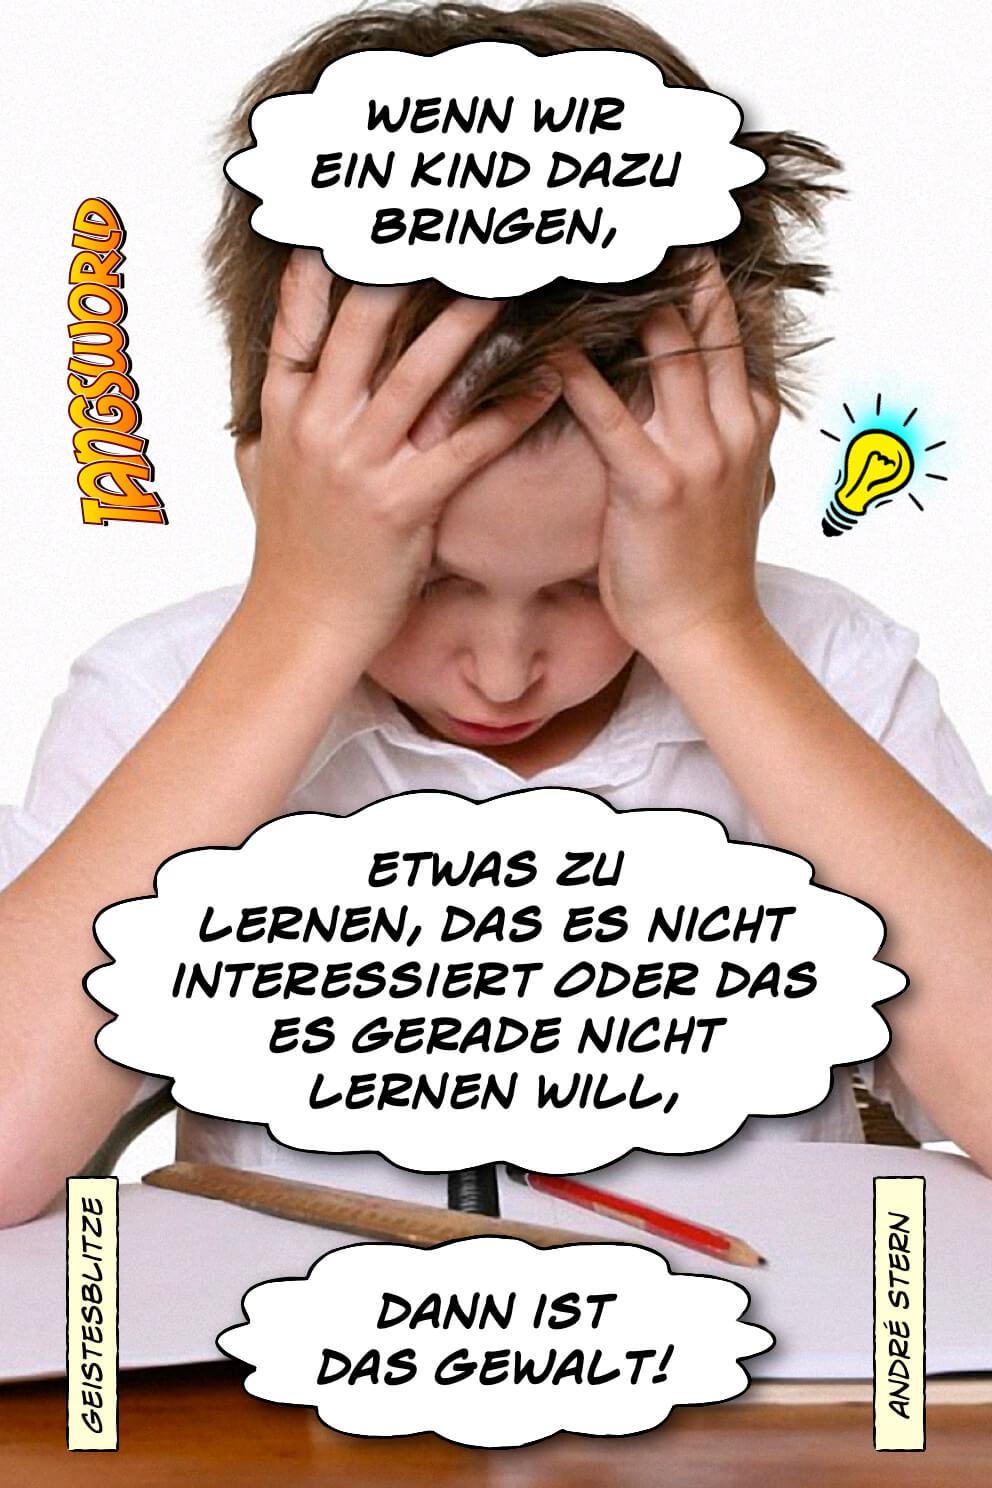 Wenn wir ein Kind dazu bringen, etwas zu lernen, das es nicht interessiert oder das es gerade nicht lernen will, dann ist das Gewalt! - Geistesblitze | André Stern